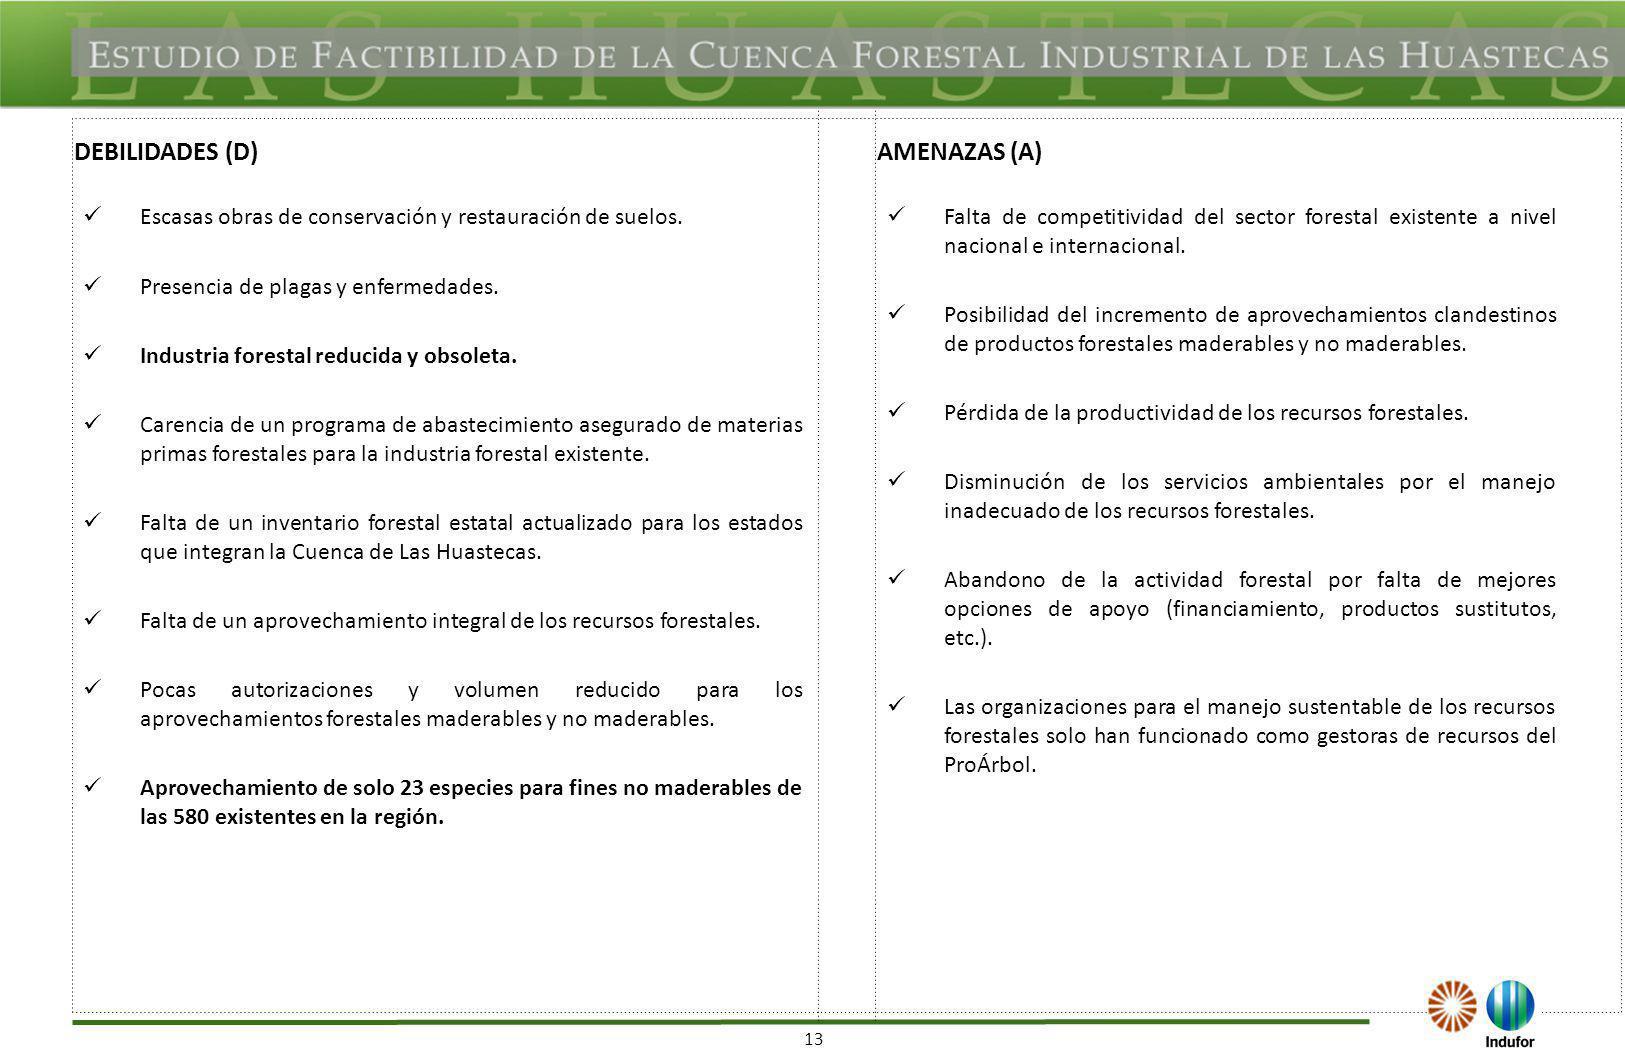 13 DEBILIDADES (D)AMENAZAS (A) Escasas obras de conservación y restauración de suelos. Presencia de plagas y enfermedades. Industria forestal reducida